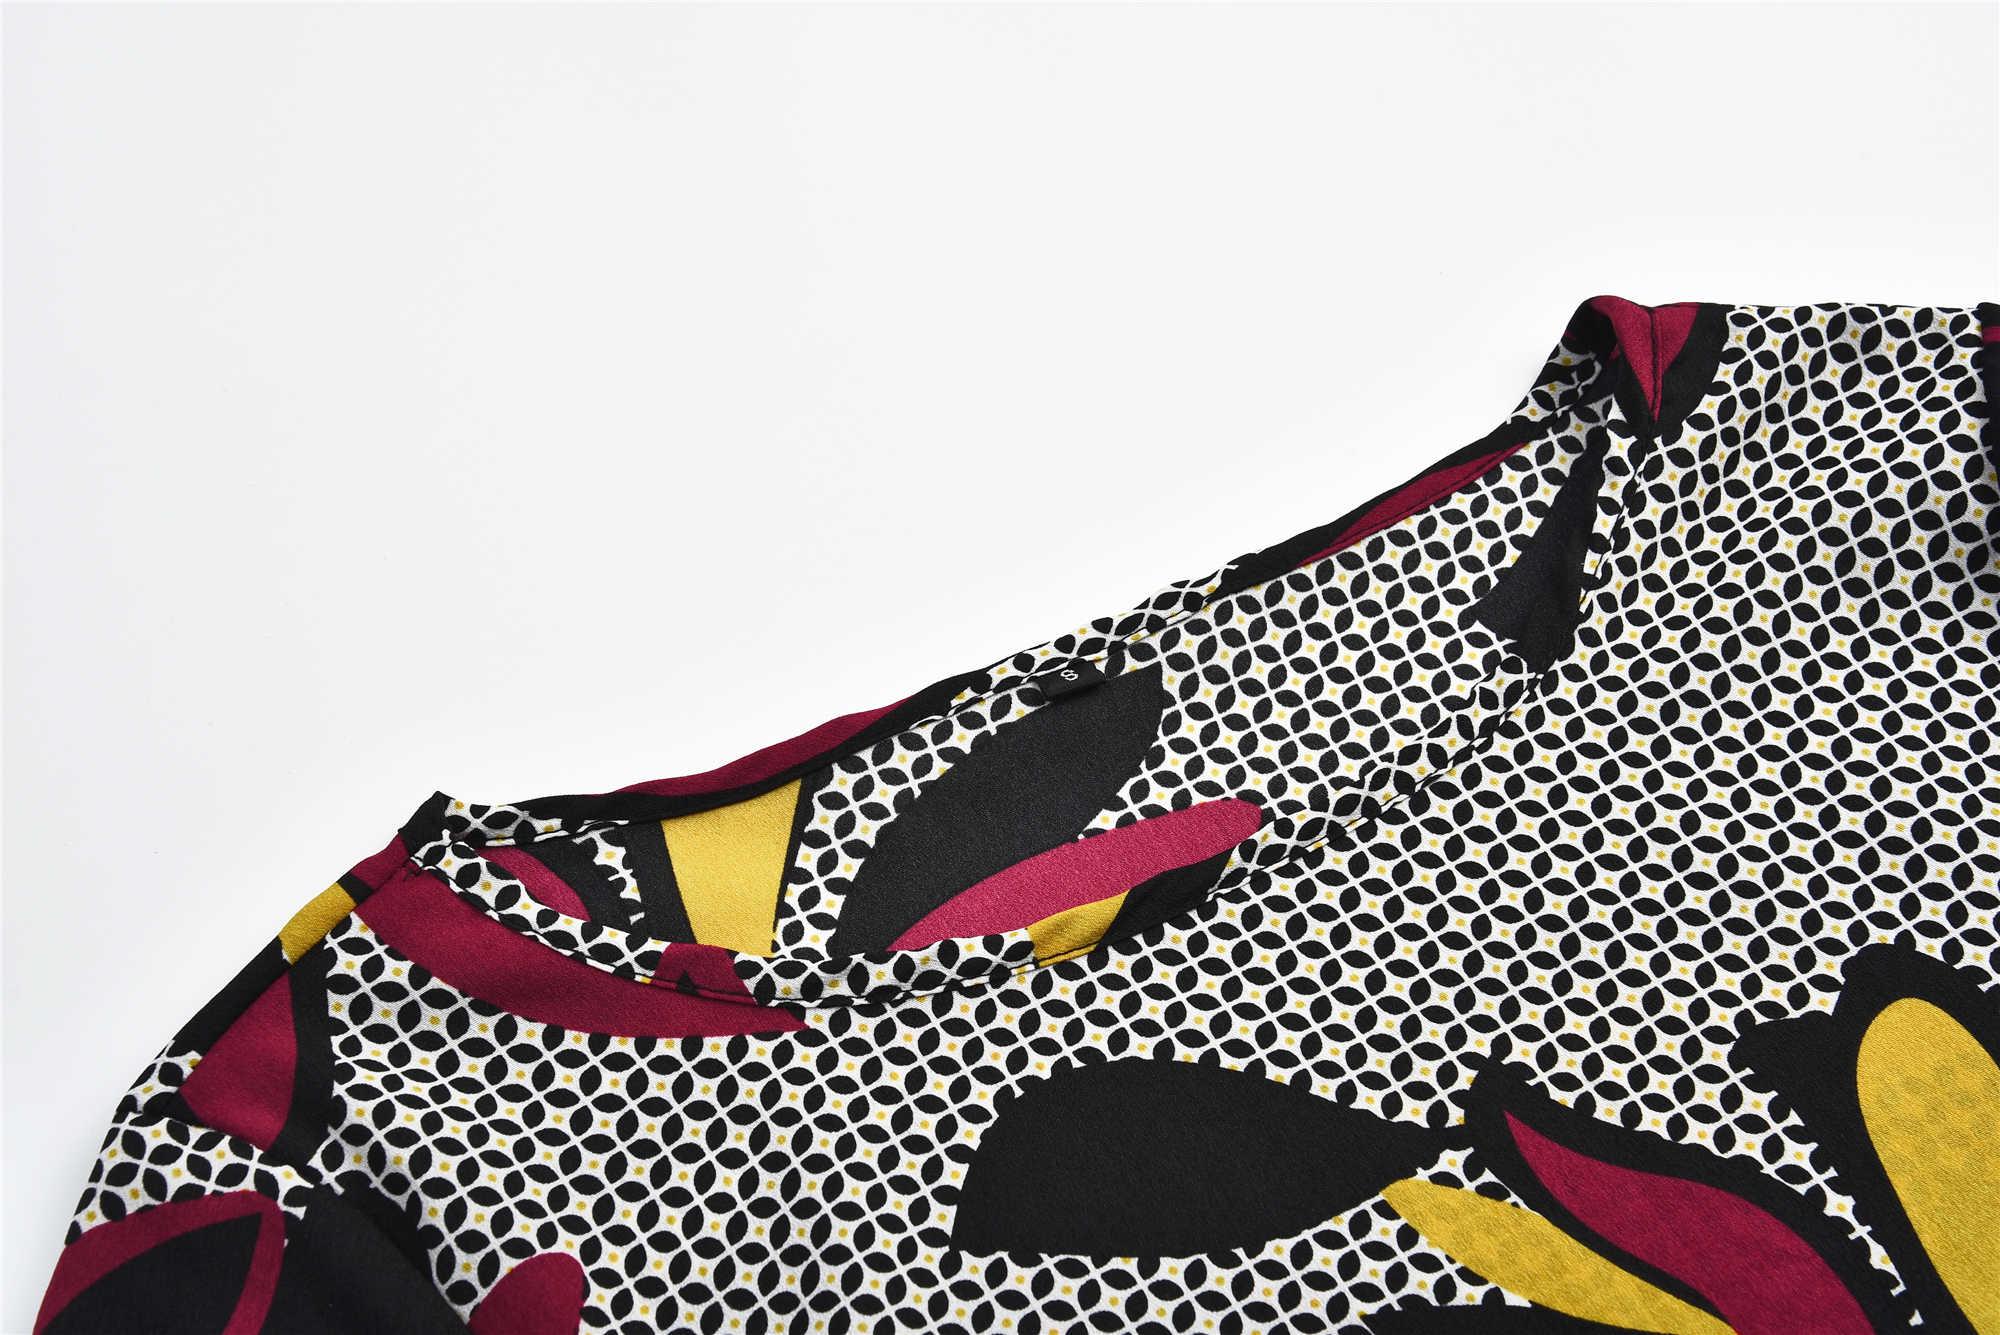 AVODOVAMA M для женщин платье с принтом сезон: весна-лето Модные, пикантные круглым вырезом комбинезон для новорожденных с длинными рукавами мини платья